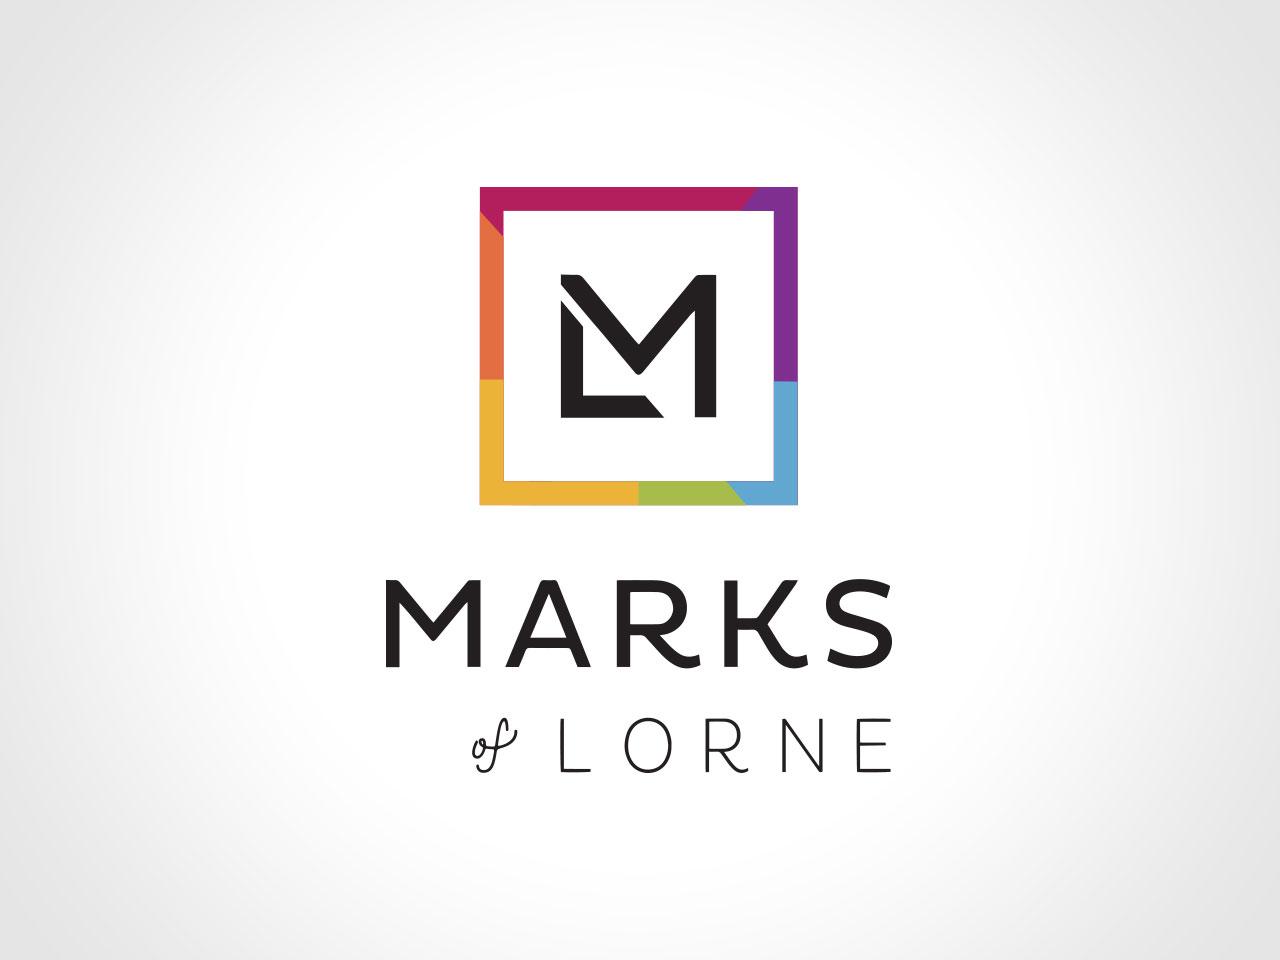 MARKS OF LORNE - Restaurant Concept (not final design). Rebrand. Logo Design, Signage and Menu Design. Morrison Design Geelong.